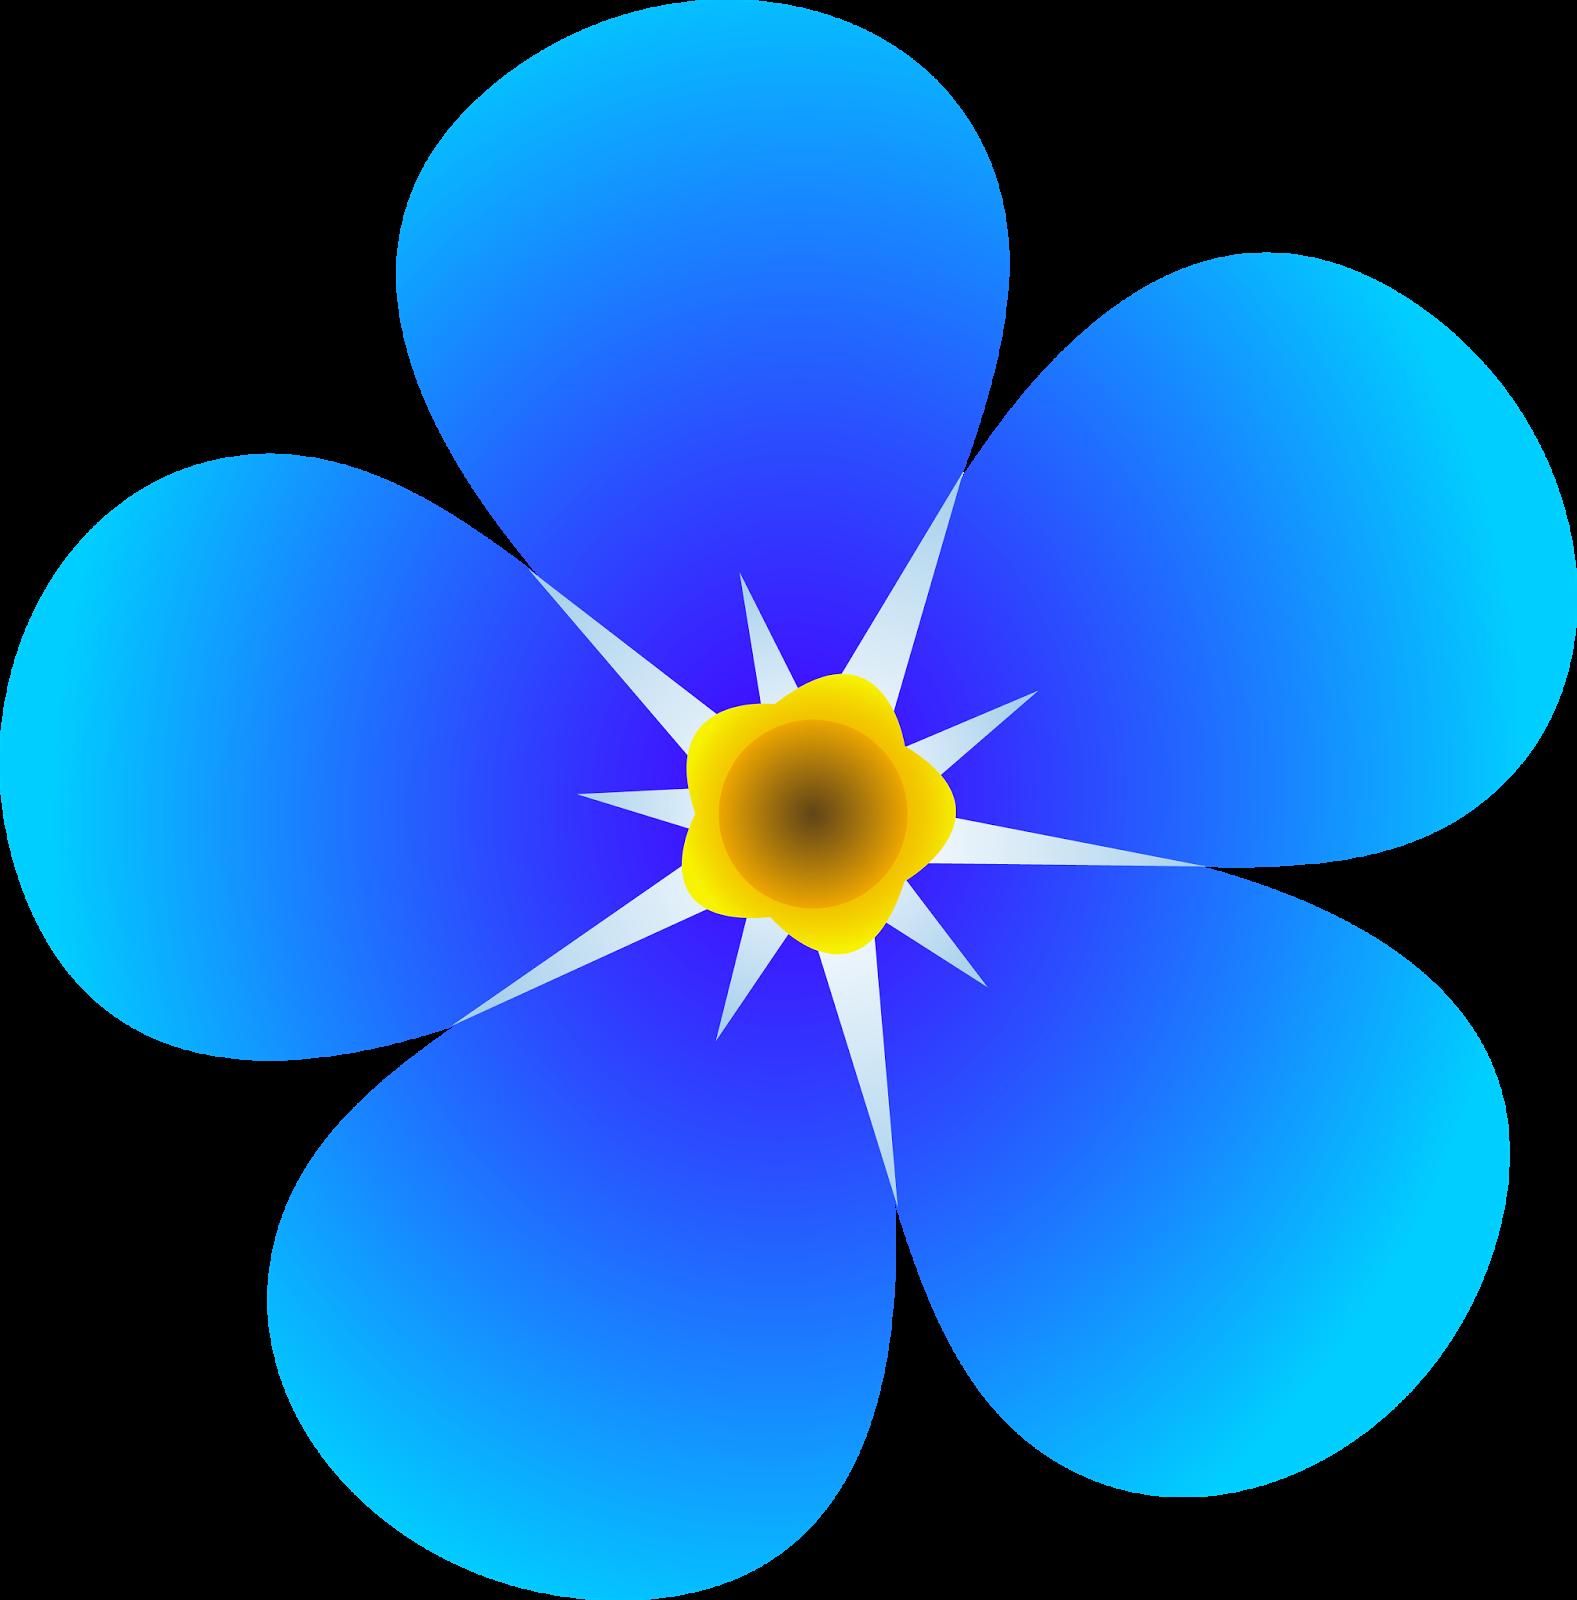 Flower Clip Art Images - clip